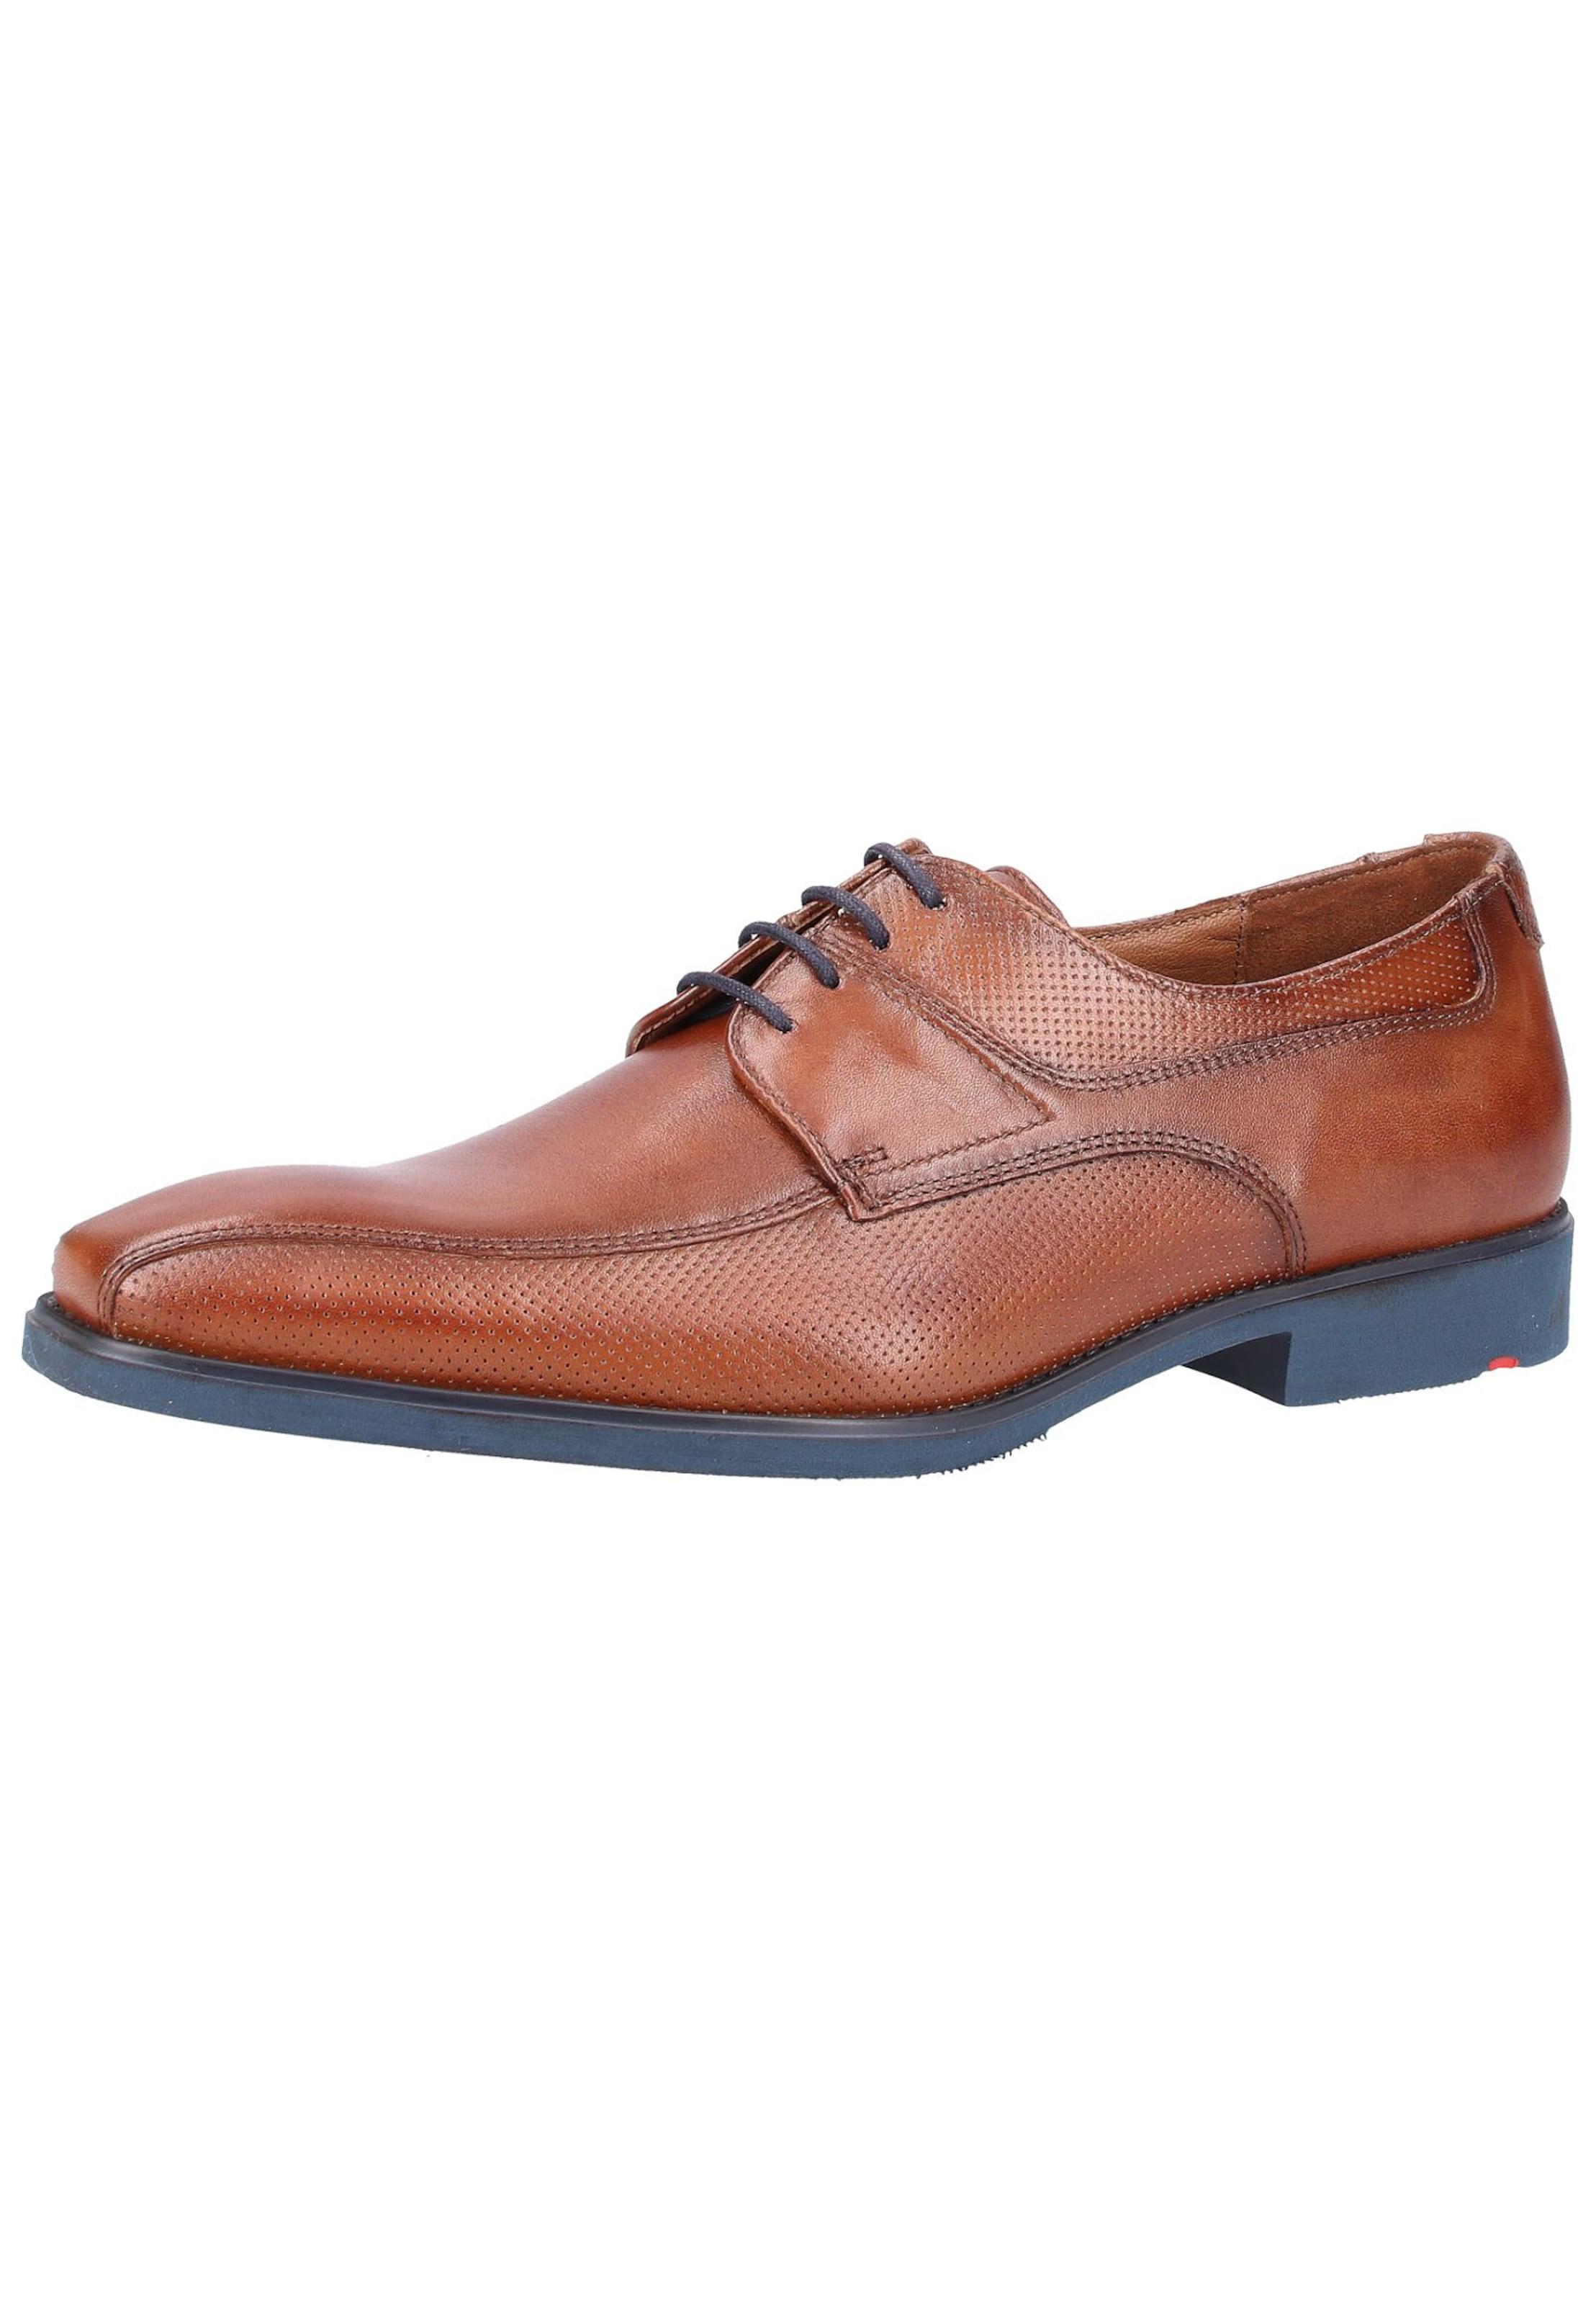 Lloyd En Lacets Chaussure Caramel À 4rq47